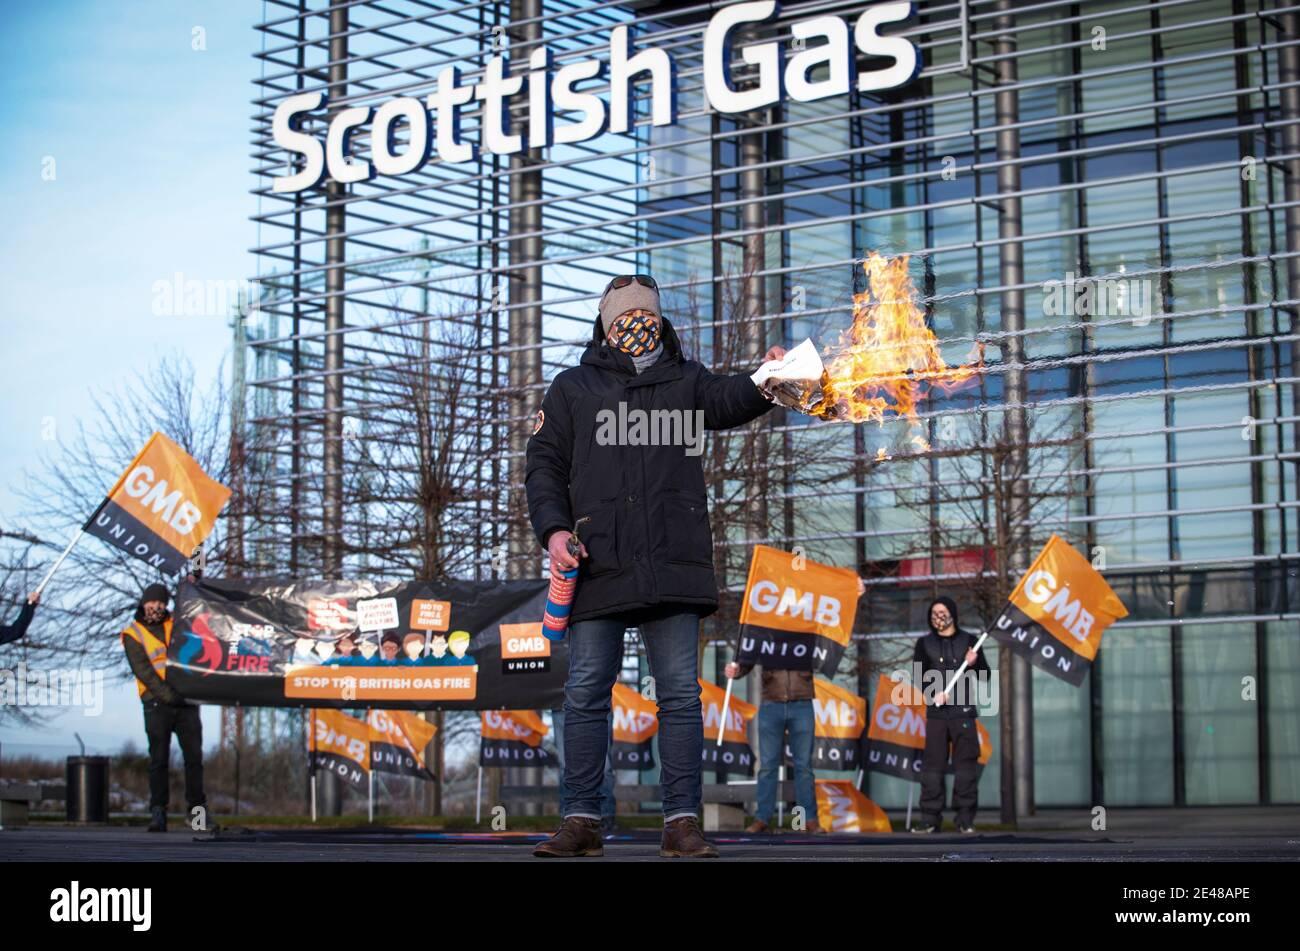 Einer der britischen Gasarbeiter vor dem Scottish Gas Call Center in Edinburgh hat am sechsten Tag eines siebentägigen Streiks über neue Verträge den neuen Vertrag in Brand gesetzt. Bilddatum: Freitag, 22. Januar 2021. Stockfoto